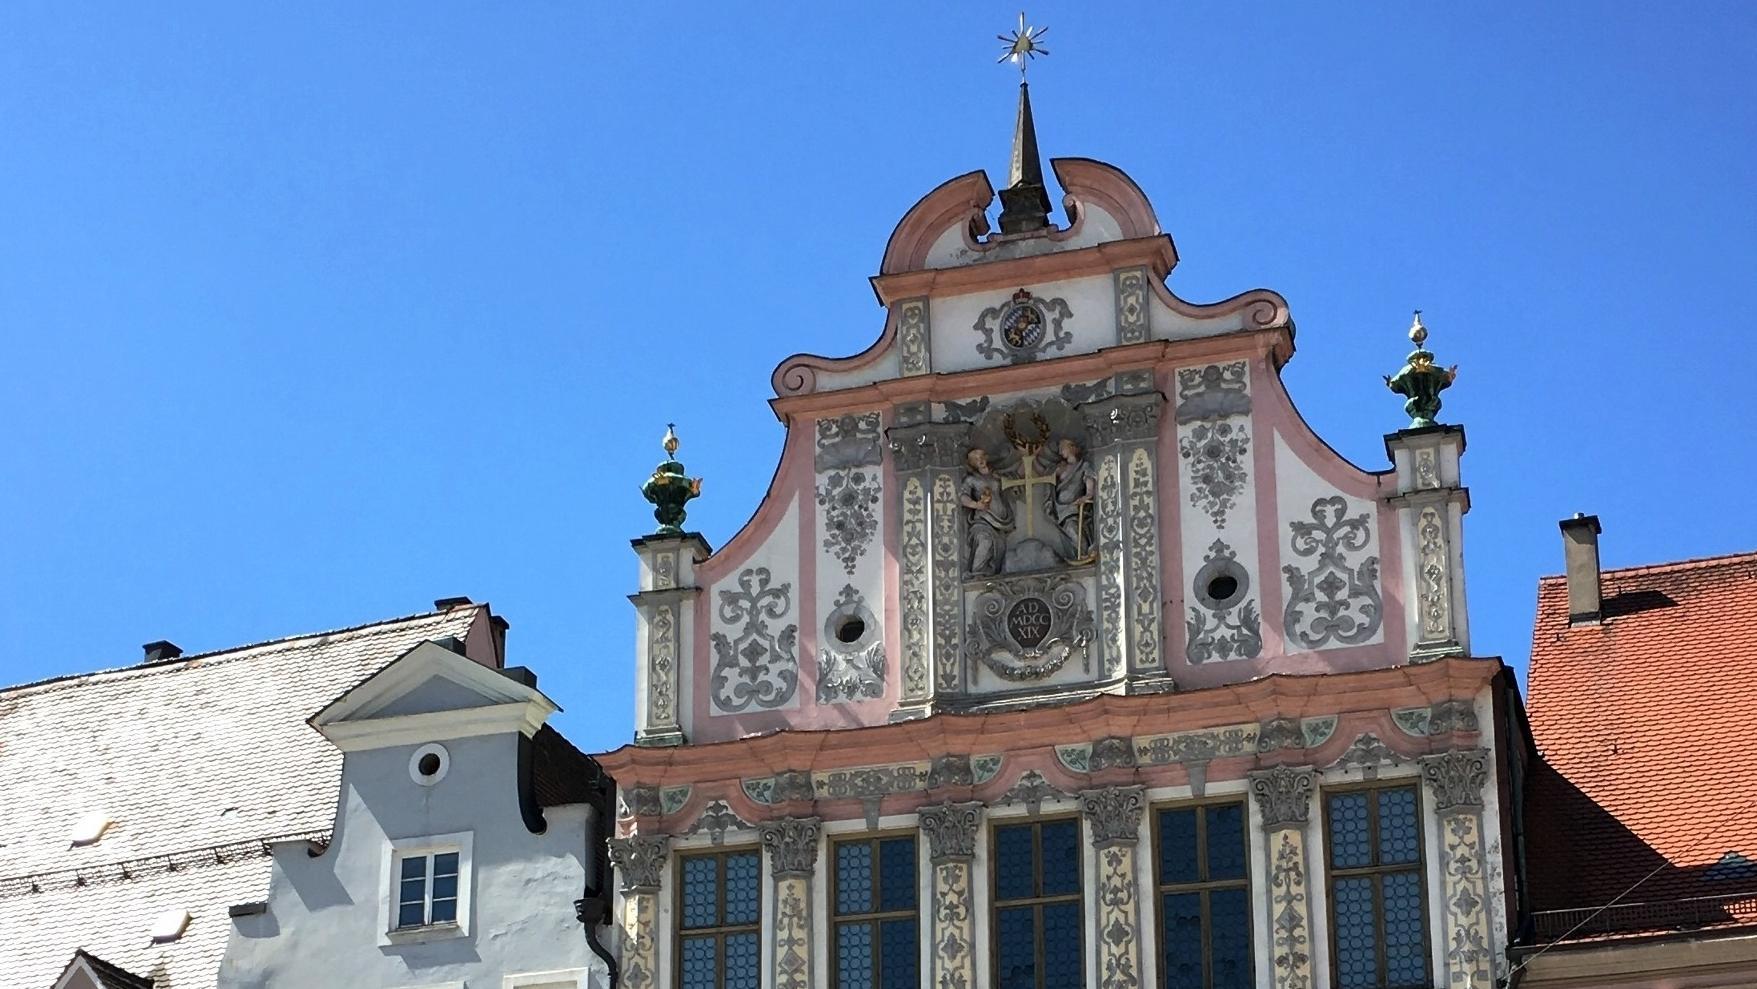 Der Giebel des Rathauses von Landsberg am Lech